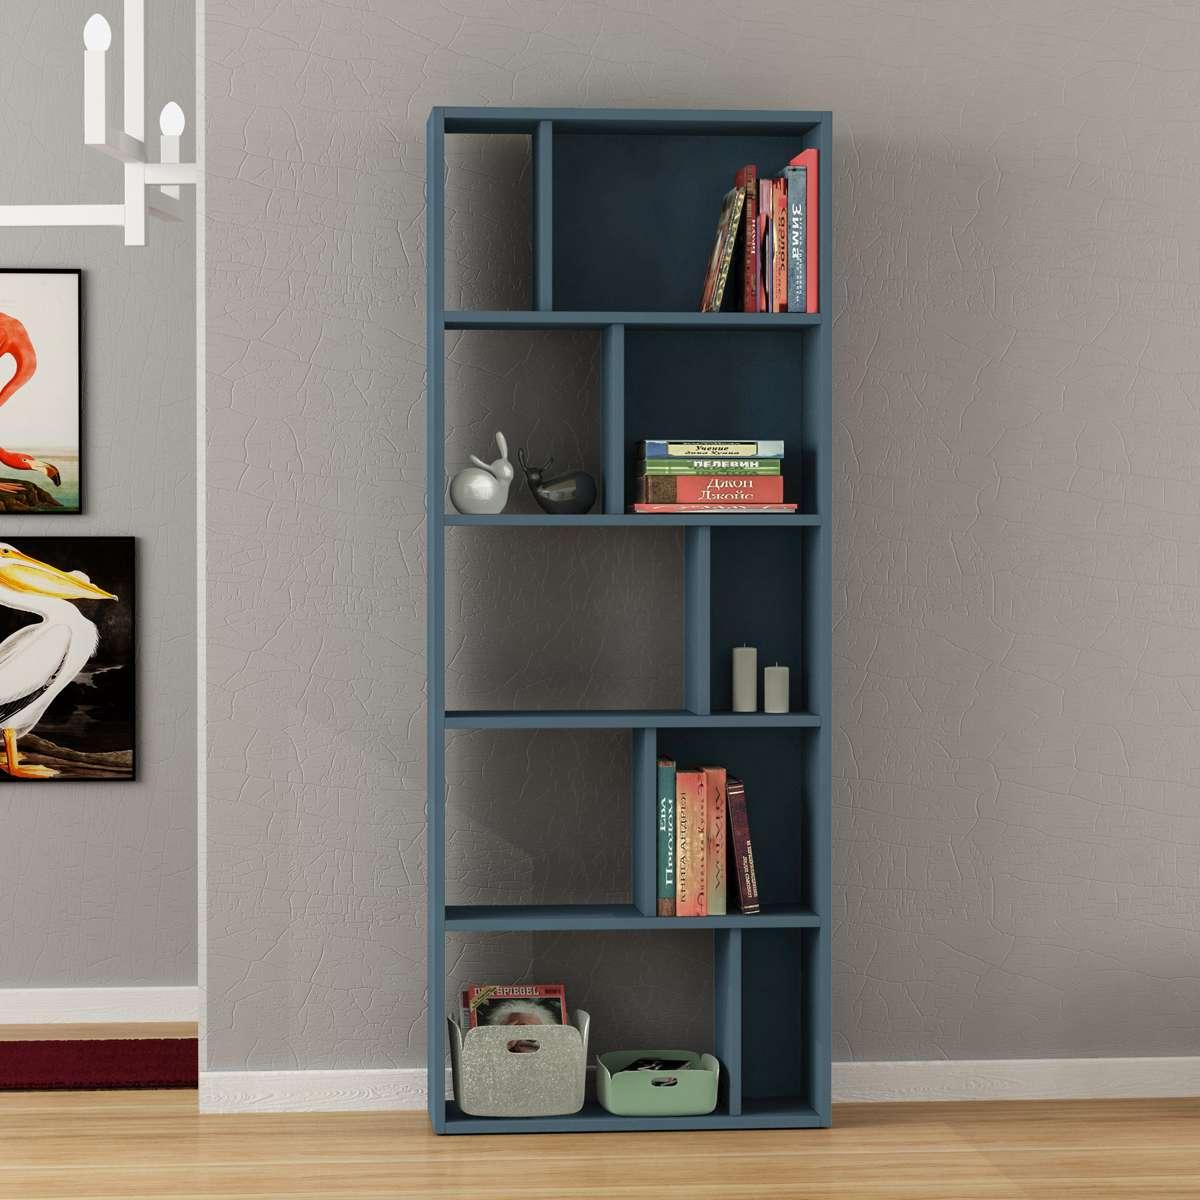 כוננית Onda Bookcase טורקיז מסדרת Decoline